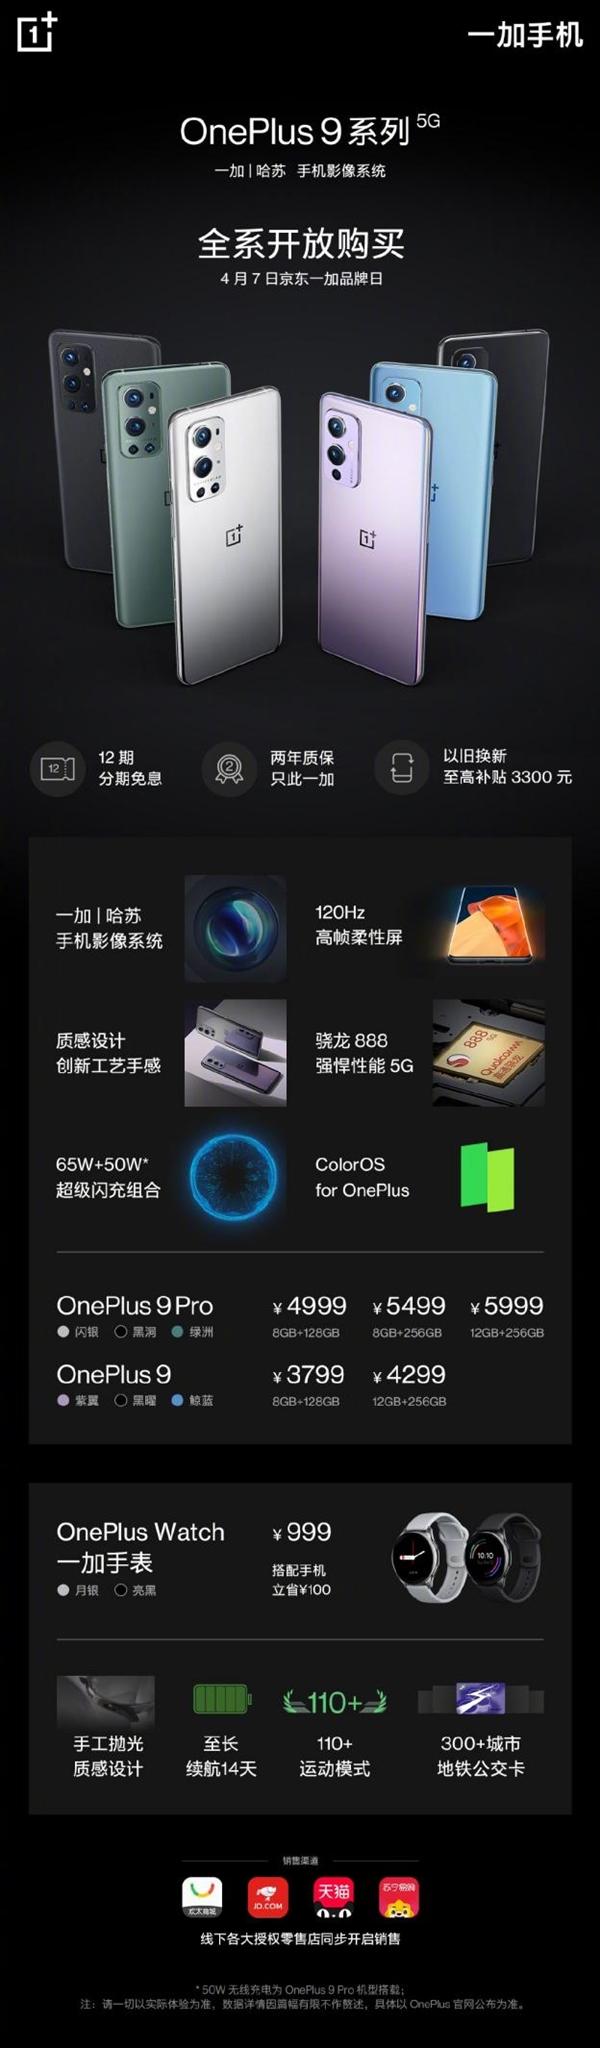 3799元起!一加9/9 Pro全系开放购买:换新可补贴3300元